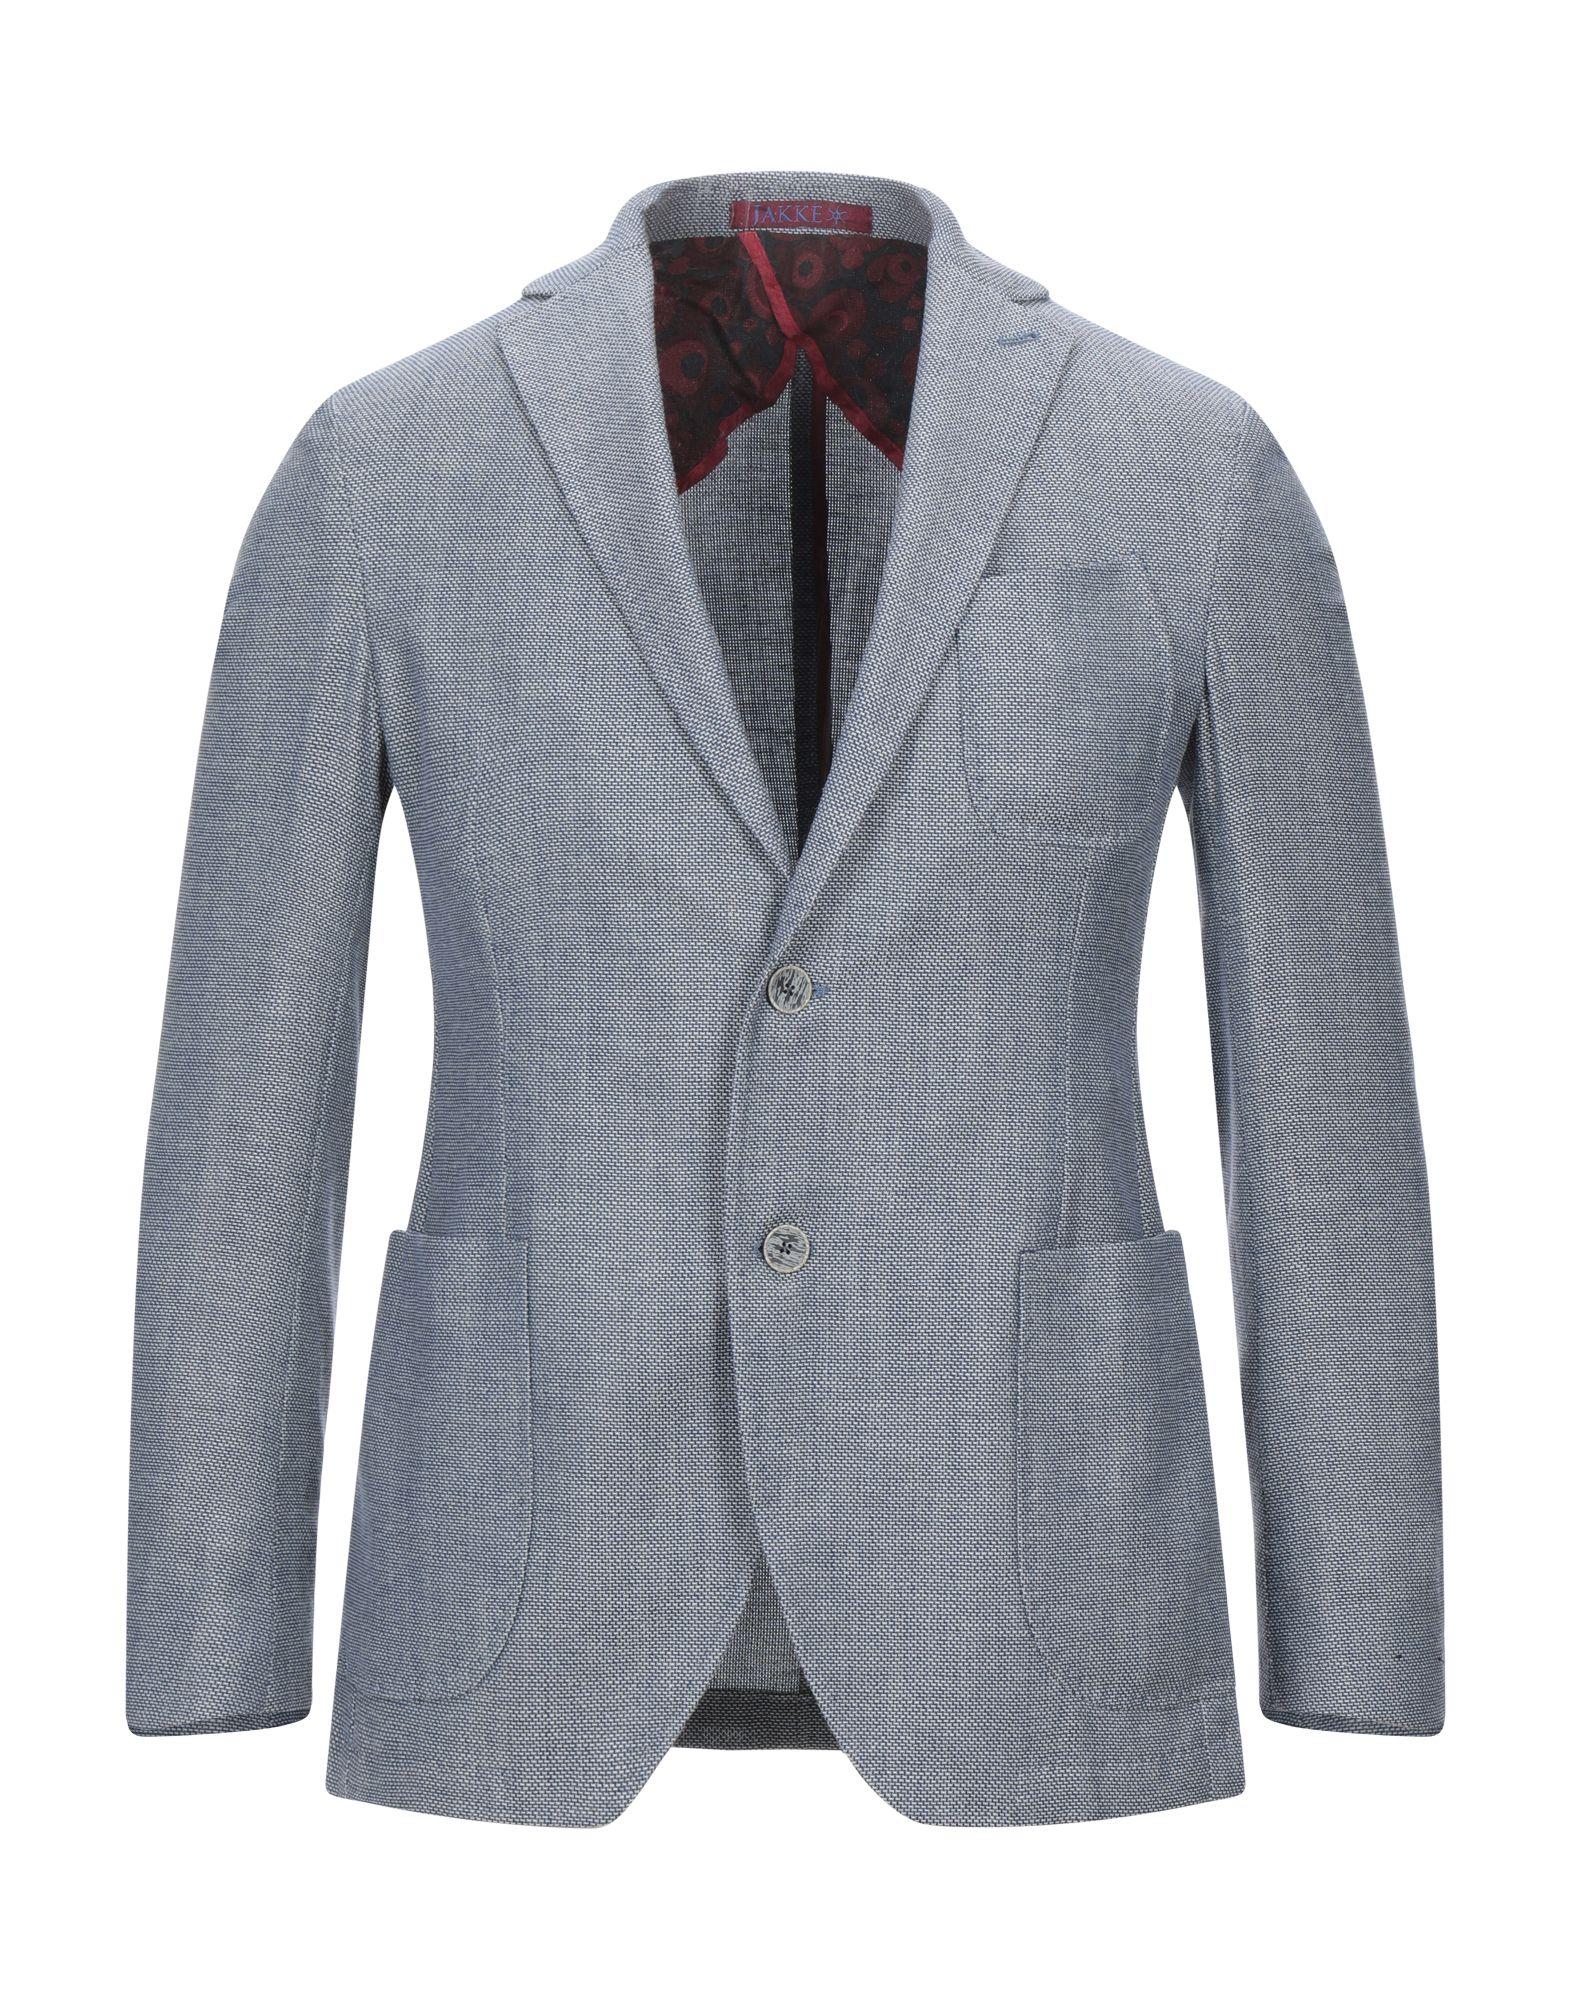 《セール開催中》MAISON BRAVE メンズ テーラードジャケット ブルー 46 ウール 52% / コットン 38% / リネン 10%